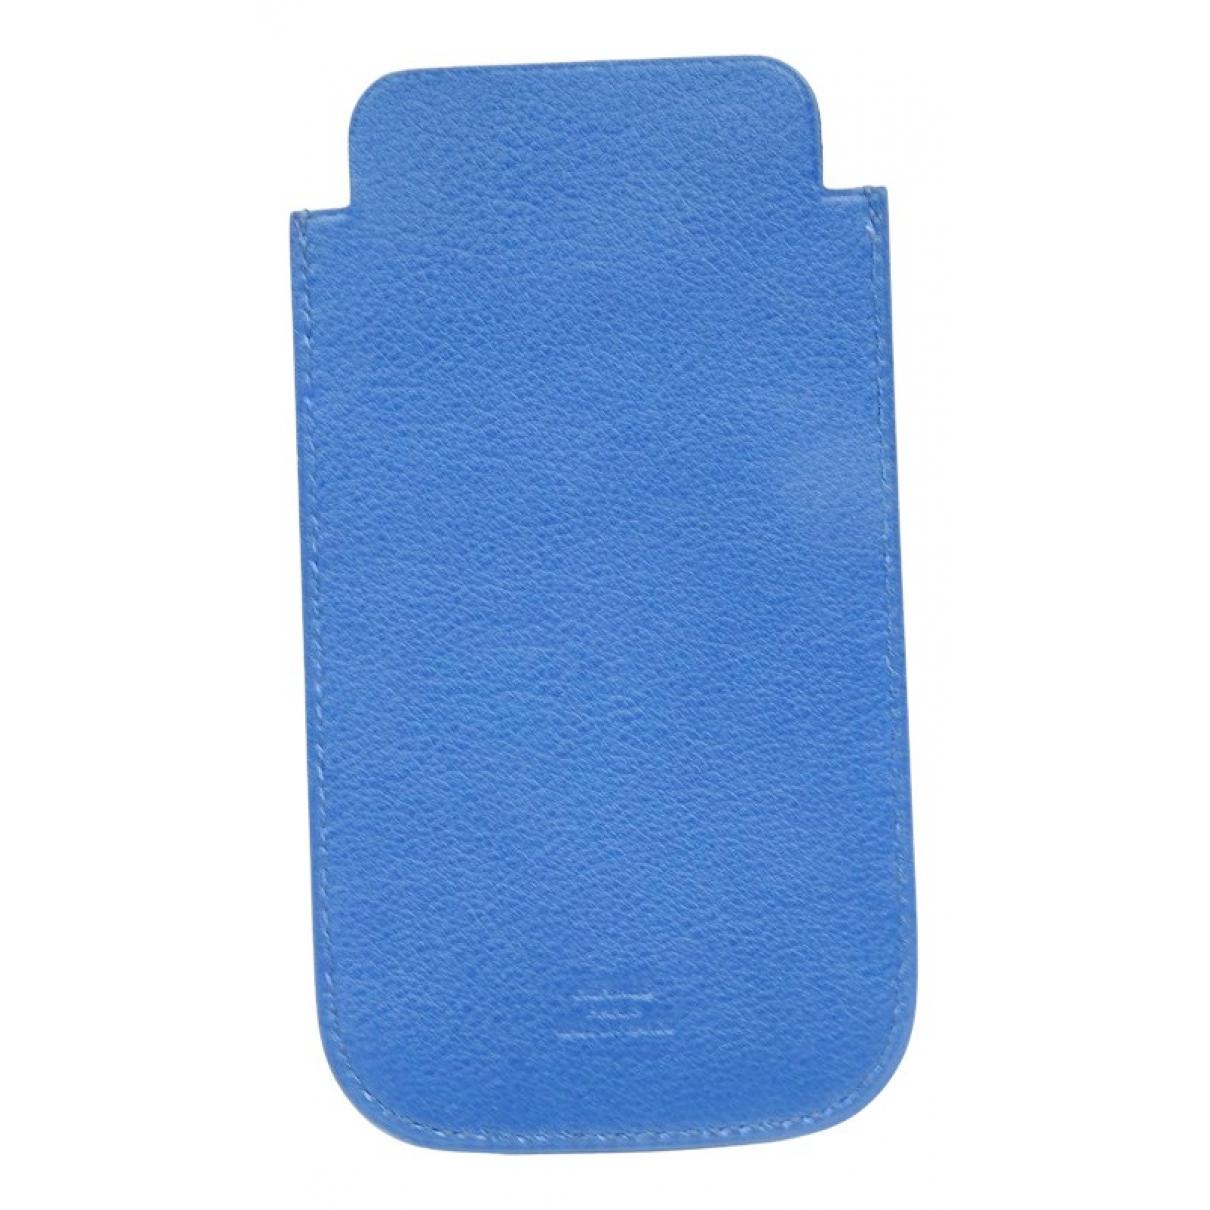 Hermes - Accessoires   pour lifestyle en cuir - bleu